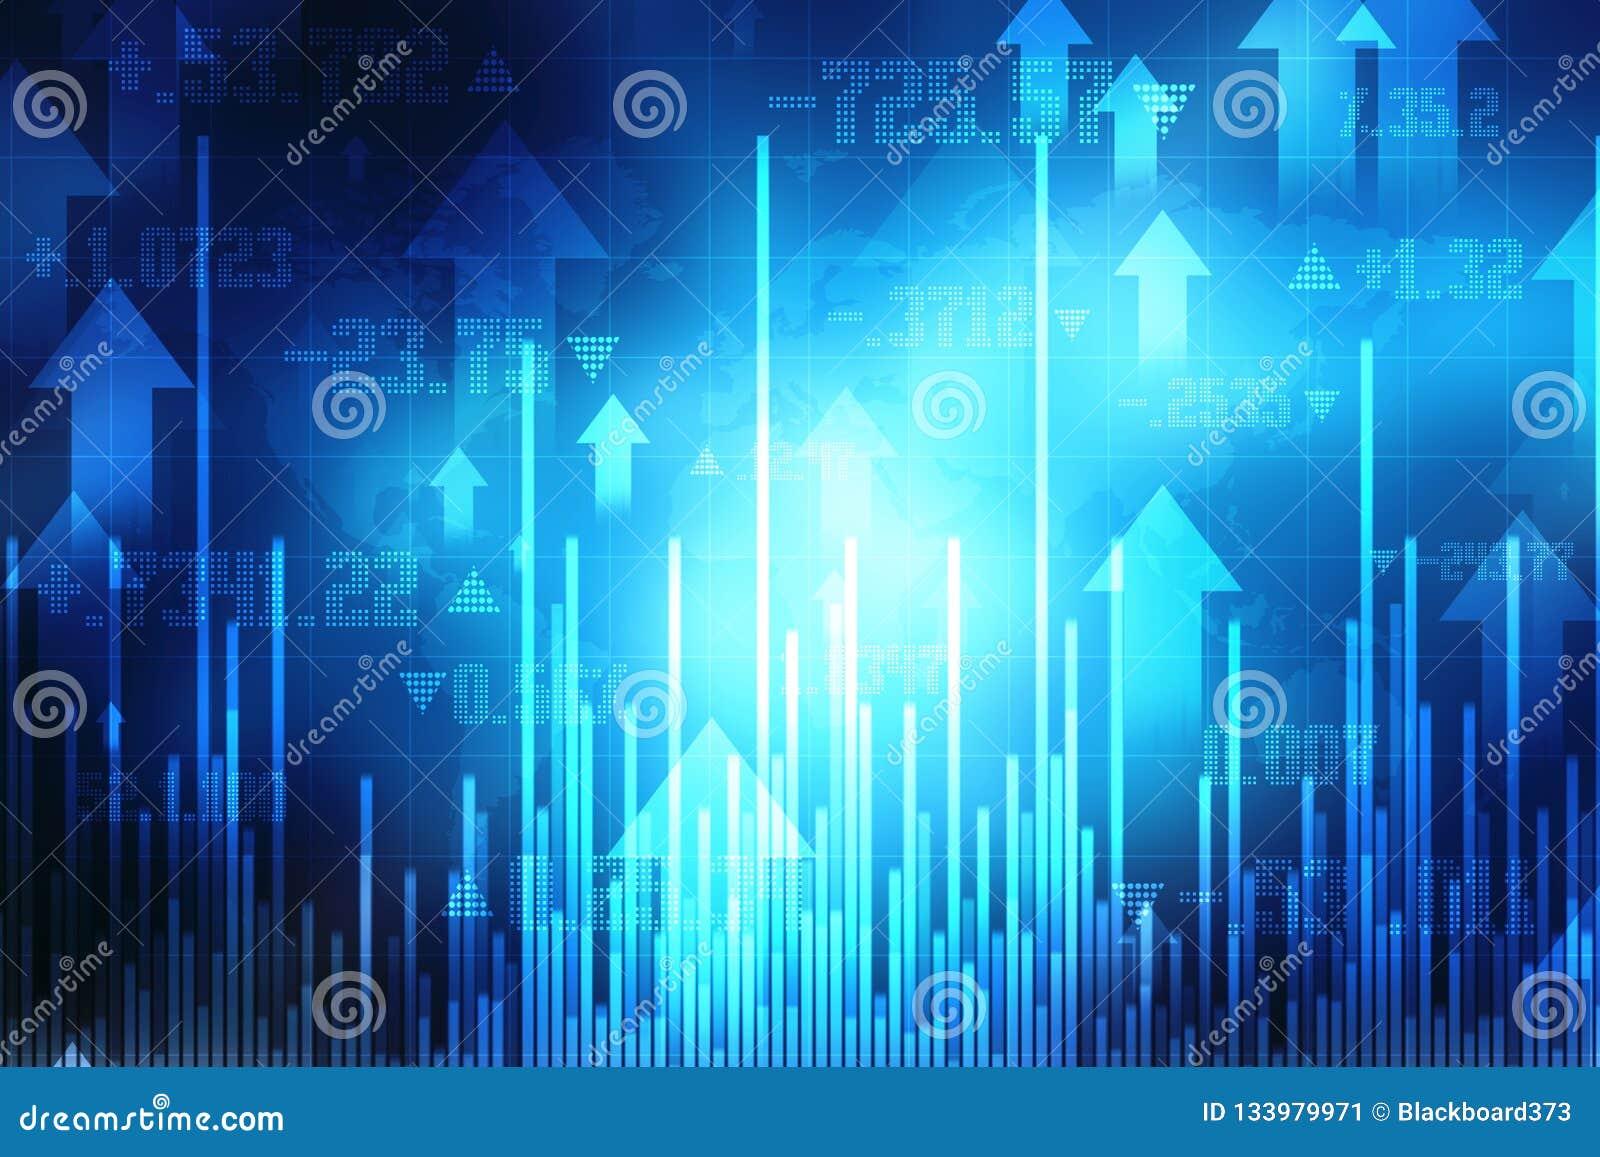 Bakgrund för affärsgraf, aktiemarknaddiagram, finansiell bakgrund